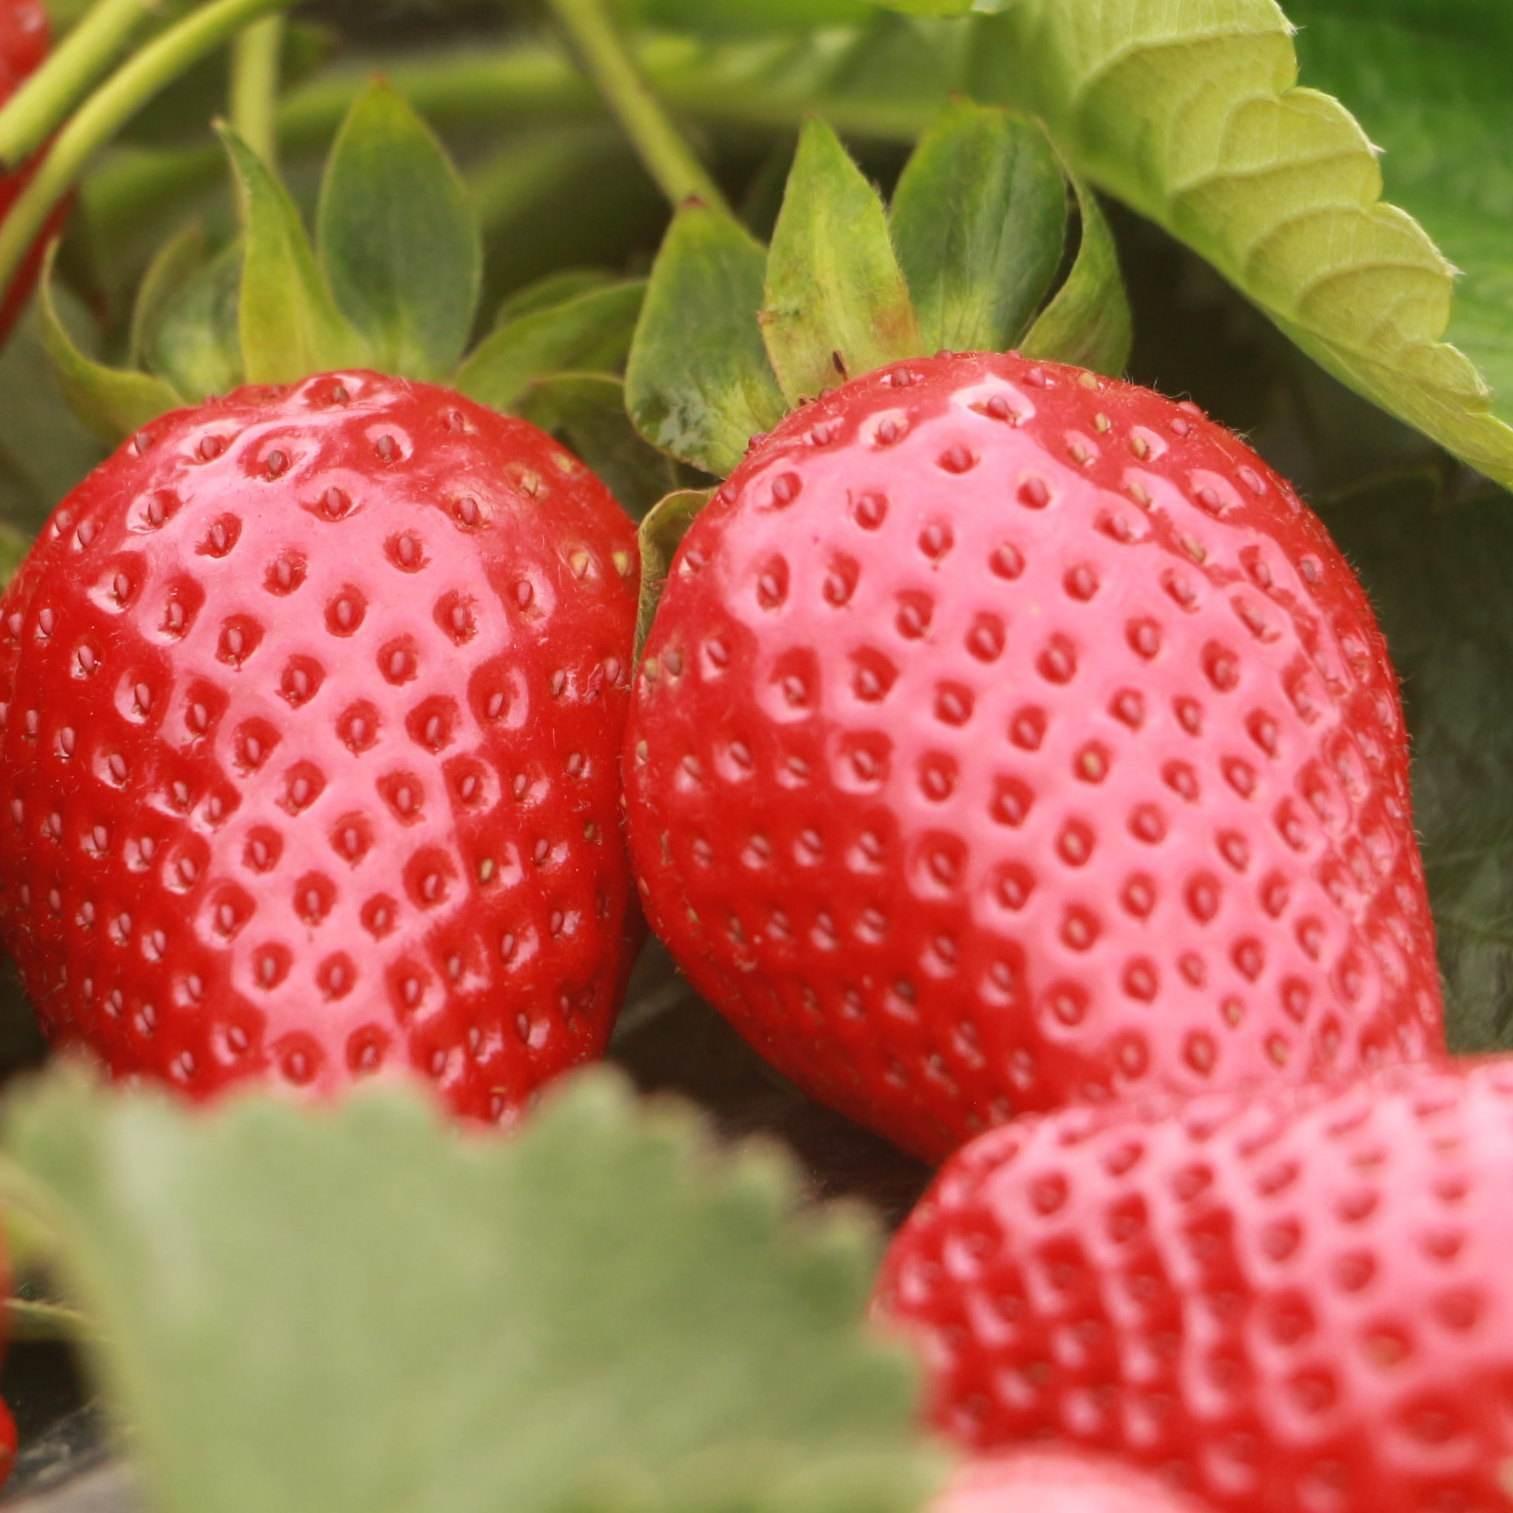 甜查理草莓苗根系发达,甜查理草莓苗综合性状表现